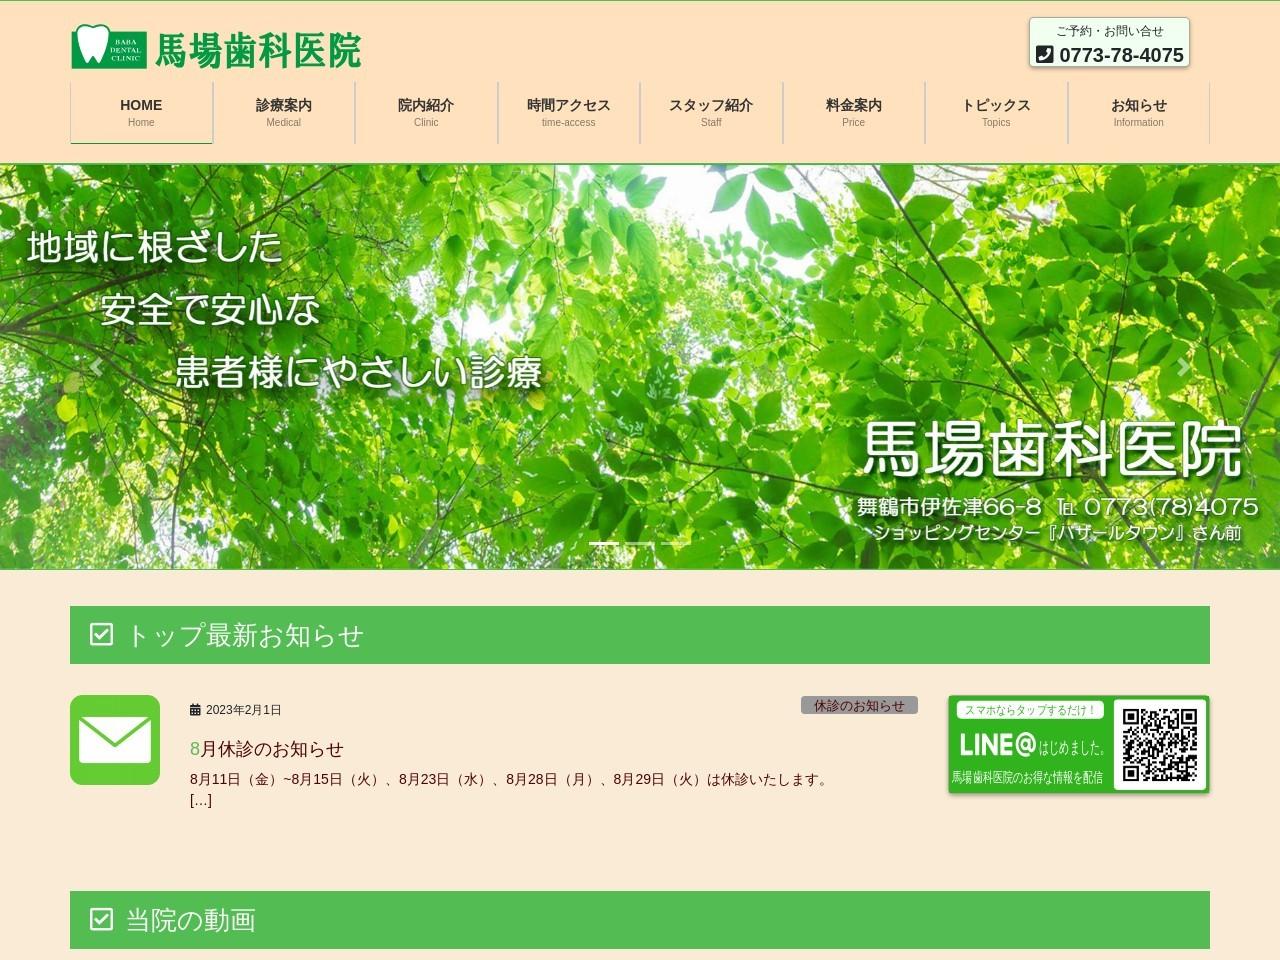 馬場歯科医院 (京都府舞鶴市)